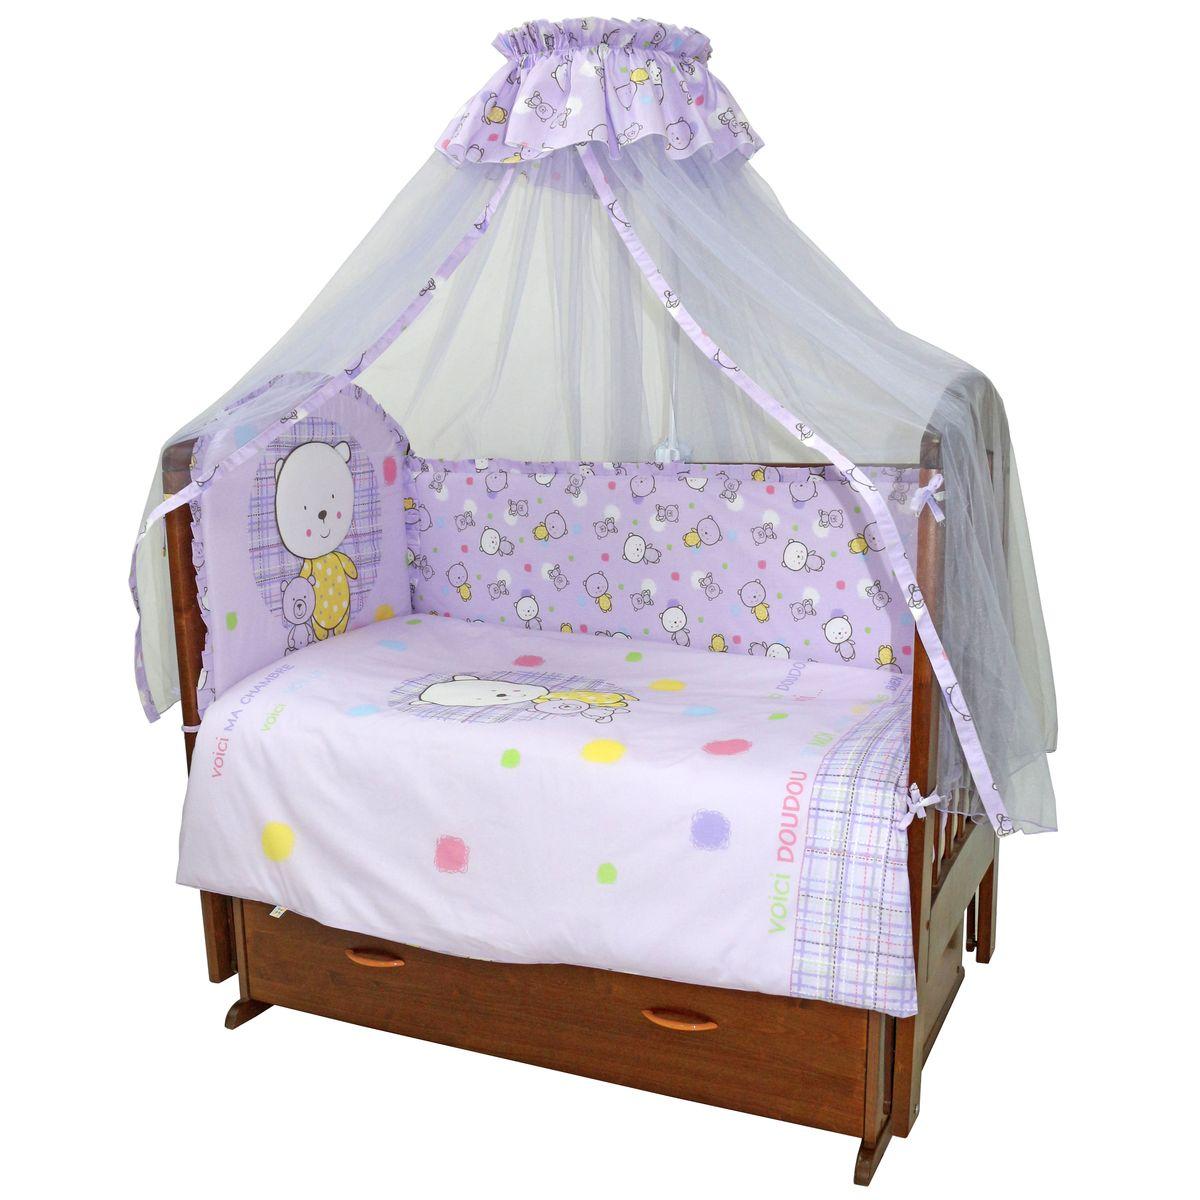 Топотушки Комплект детского постельного белья Мой Медвежонок цвет сиреневый 7 предметов140р-50ХККомплект постельного белья из 7 предметов включает все необходимые элементы для детской кроватки. Комплект создает для Вашего ребенка уют, комфорт и безопасную среду с рождения, современный дизайн и цветовые сочетания помогают ребенку адаптироваться в новом для него мире. Комплекты «Топотушки» хорошо вписываются в интерьер как детской комнаты, так и спальни родителей. Как и все изделия «Топотушки» данный комплект отражает самые последние технологии, является безопасным для малыша и экологичным. Российское происхождение комплекта гарантирует стабильно высокое качество, соответствие актуальным пожеланиям потребителей, конкурентоспособную цену.Комплектация: Балдахин 4,5м (сетка); охранный бампер 360х40см. (из 4-х частей, наполнитель – холлофайбер); подушка 40х60см. (наполнитель – холлофайбер); одеяло 140х110см. (наполнитель – холлофайбер); наволочка 40х60см; пододеяльник 147х112см; простынь на резинке 120х60см